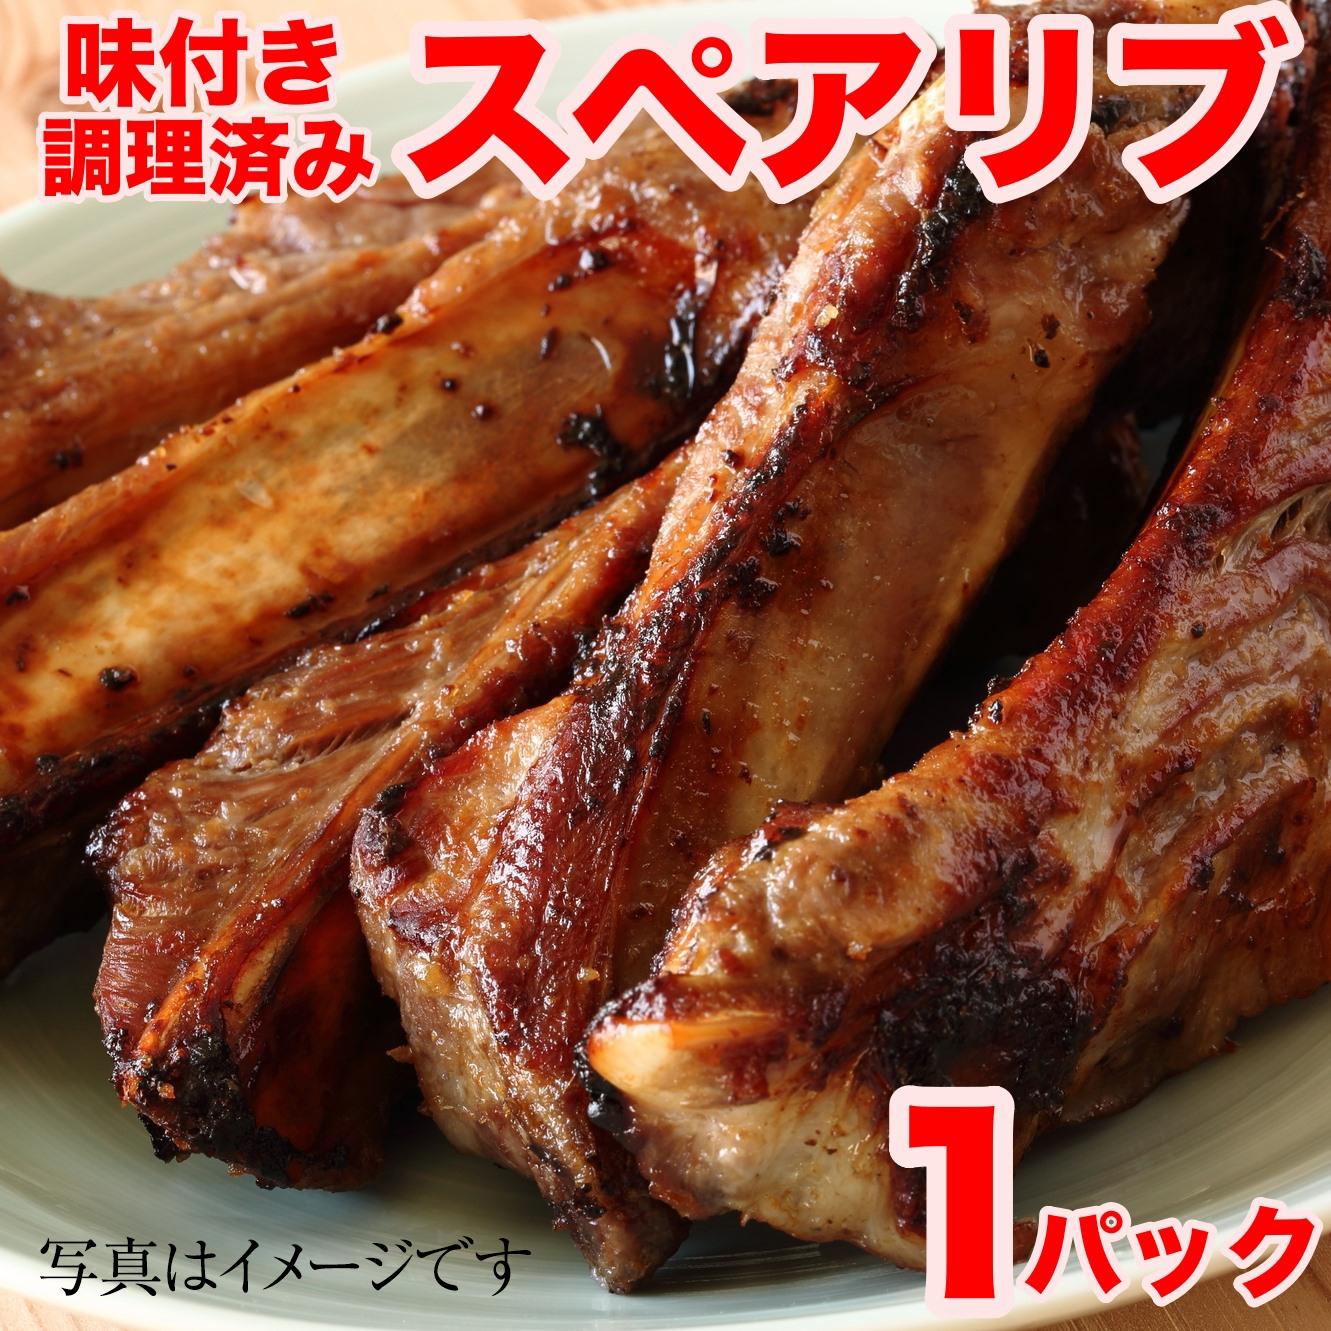 お惣菜ファミリーセット